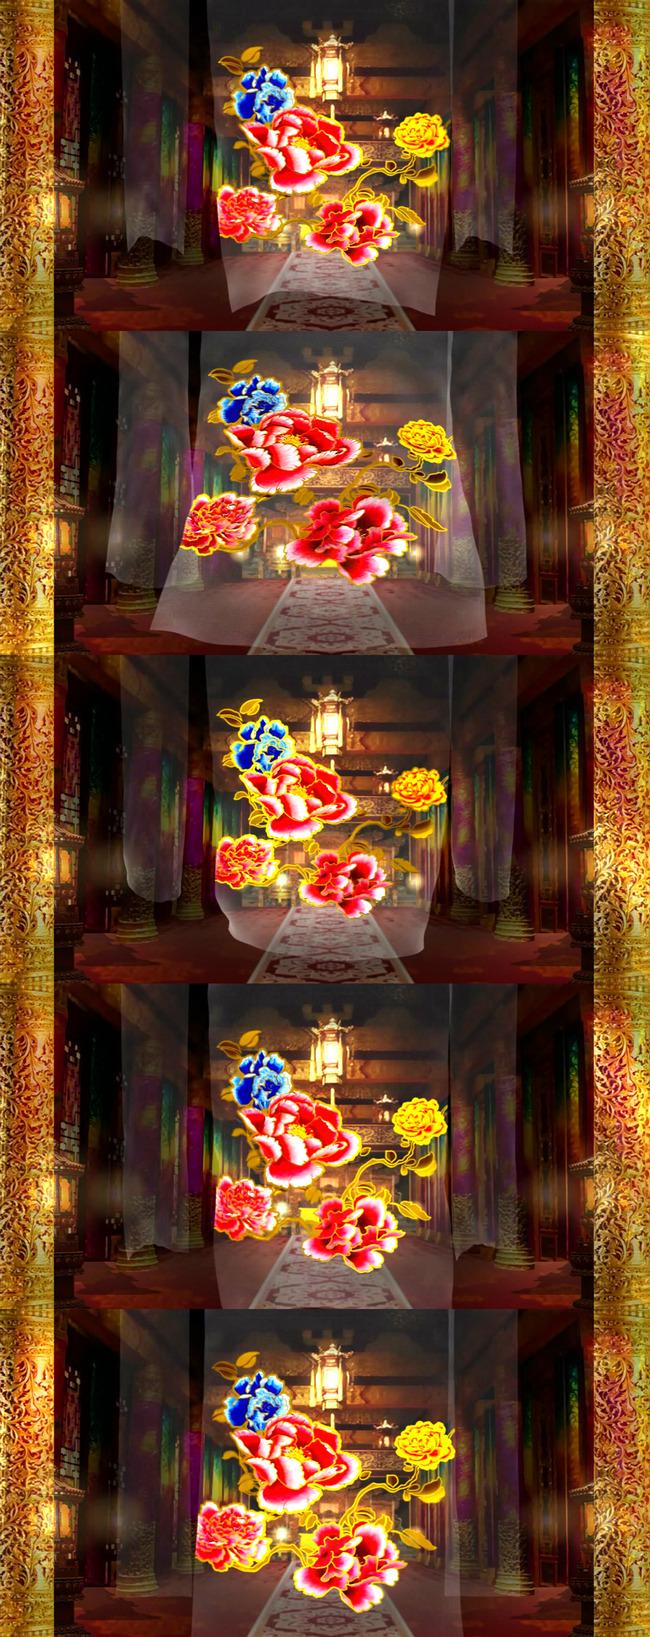 丝绸 京剧 戏剧 晚会 演艺 歌舞 舞台 舞蹈 演出 文艺 演出 led 背景图片